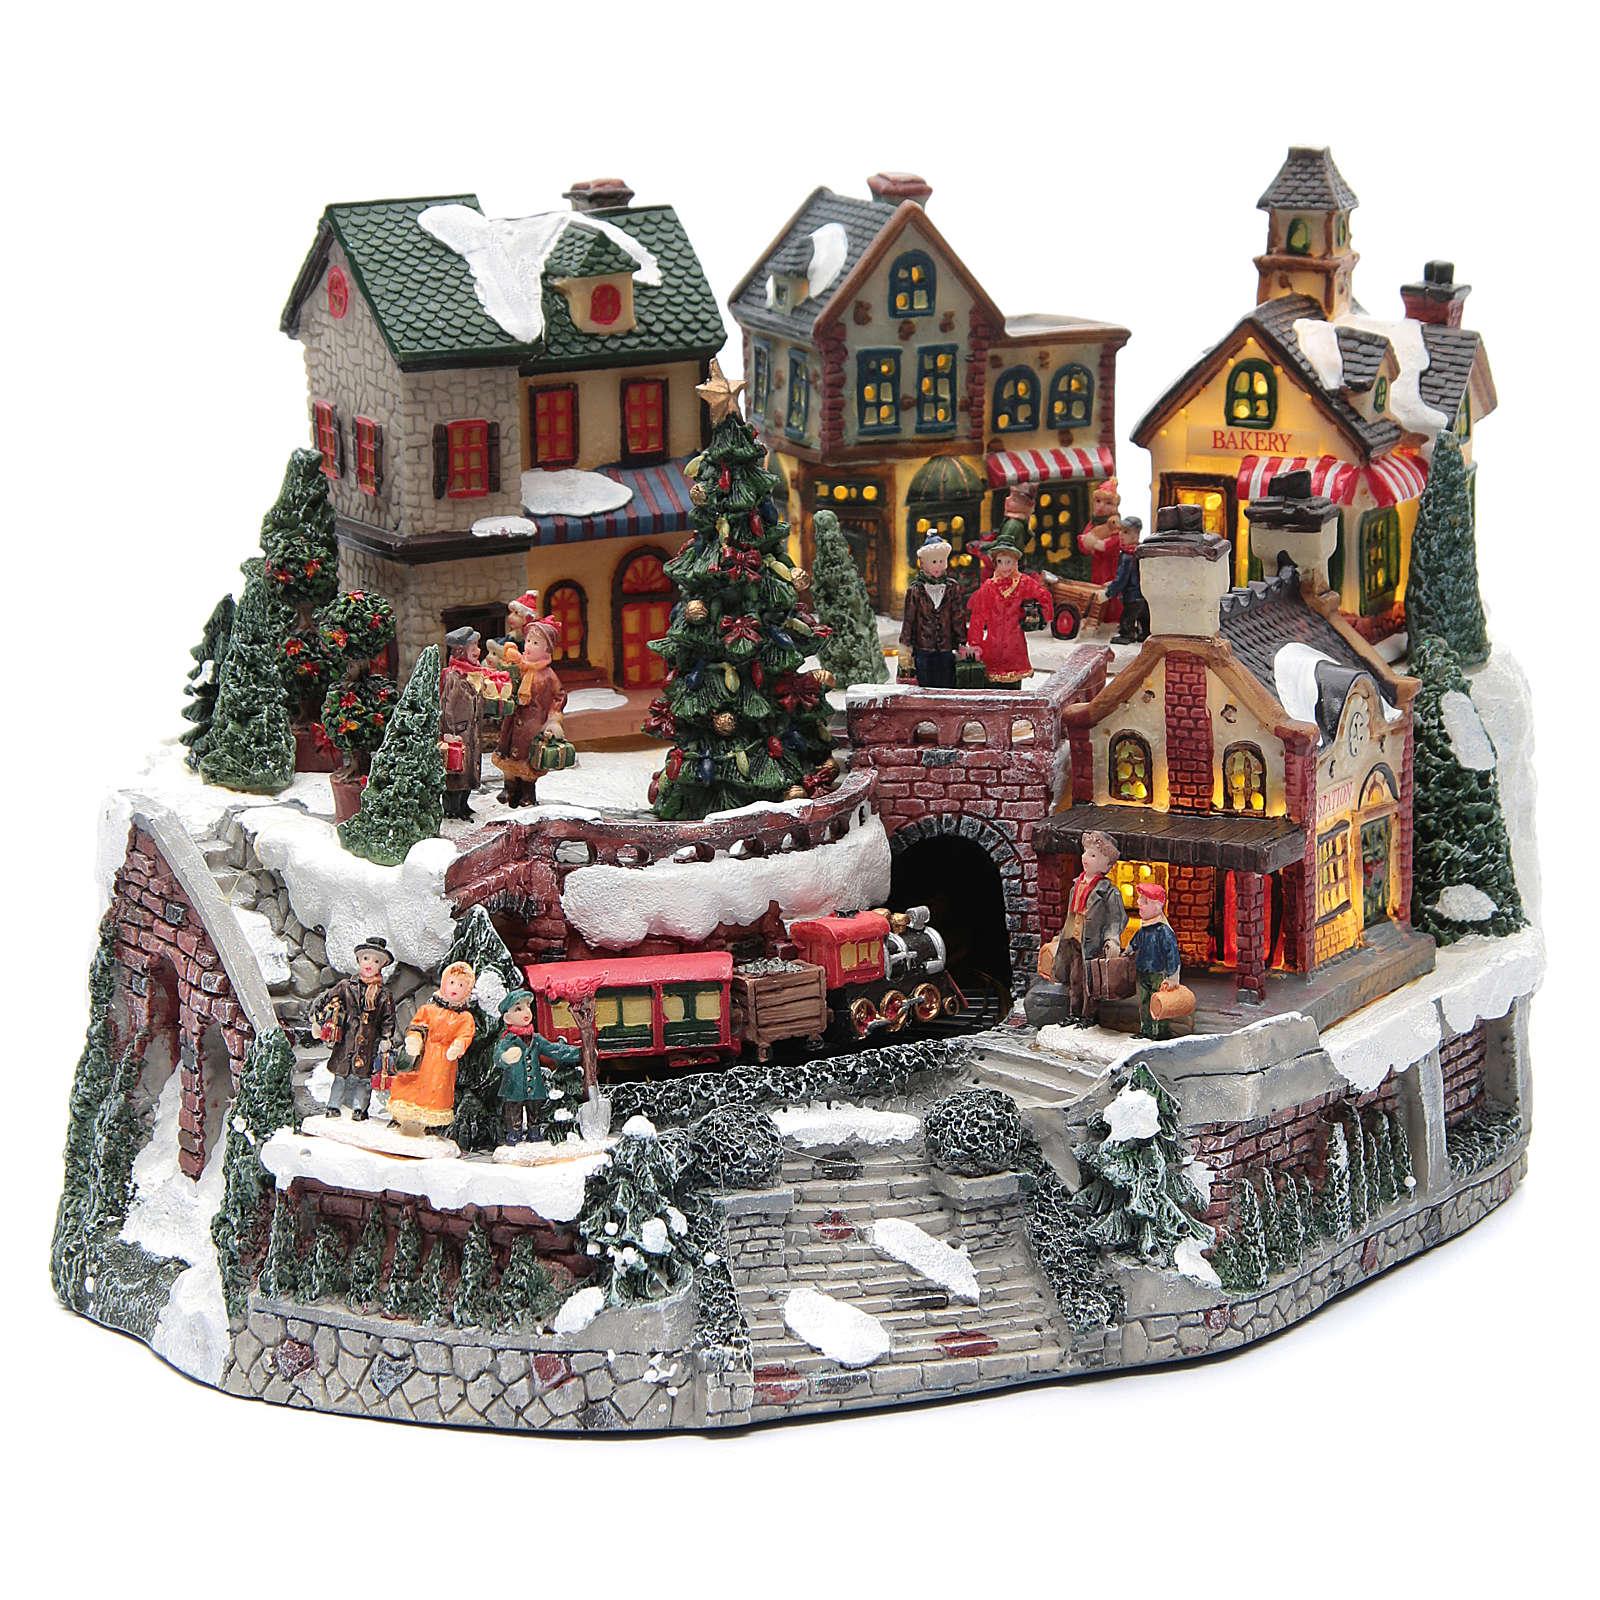 Weihnachtsdorf, mit Bahnhof und Zug, aus Kunstharz, 35x25x20 cm 3